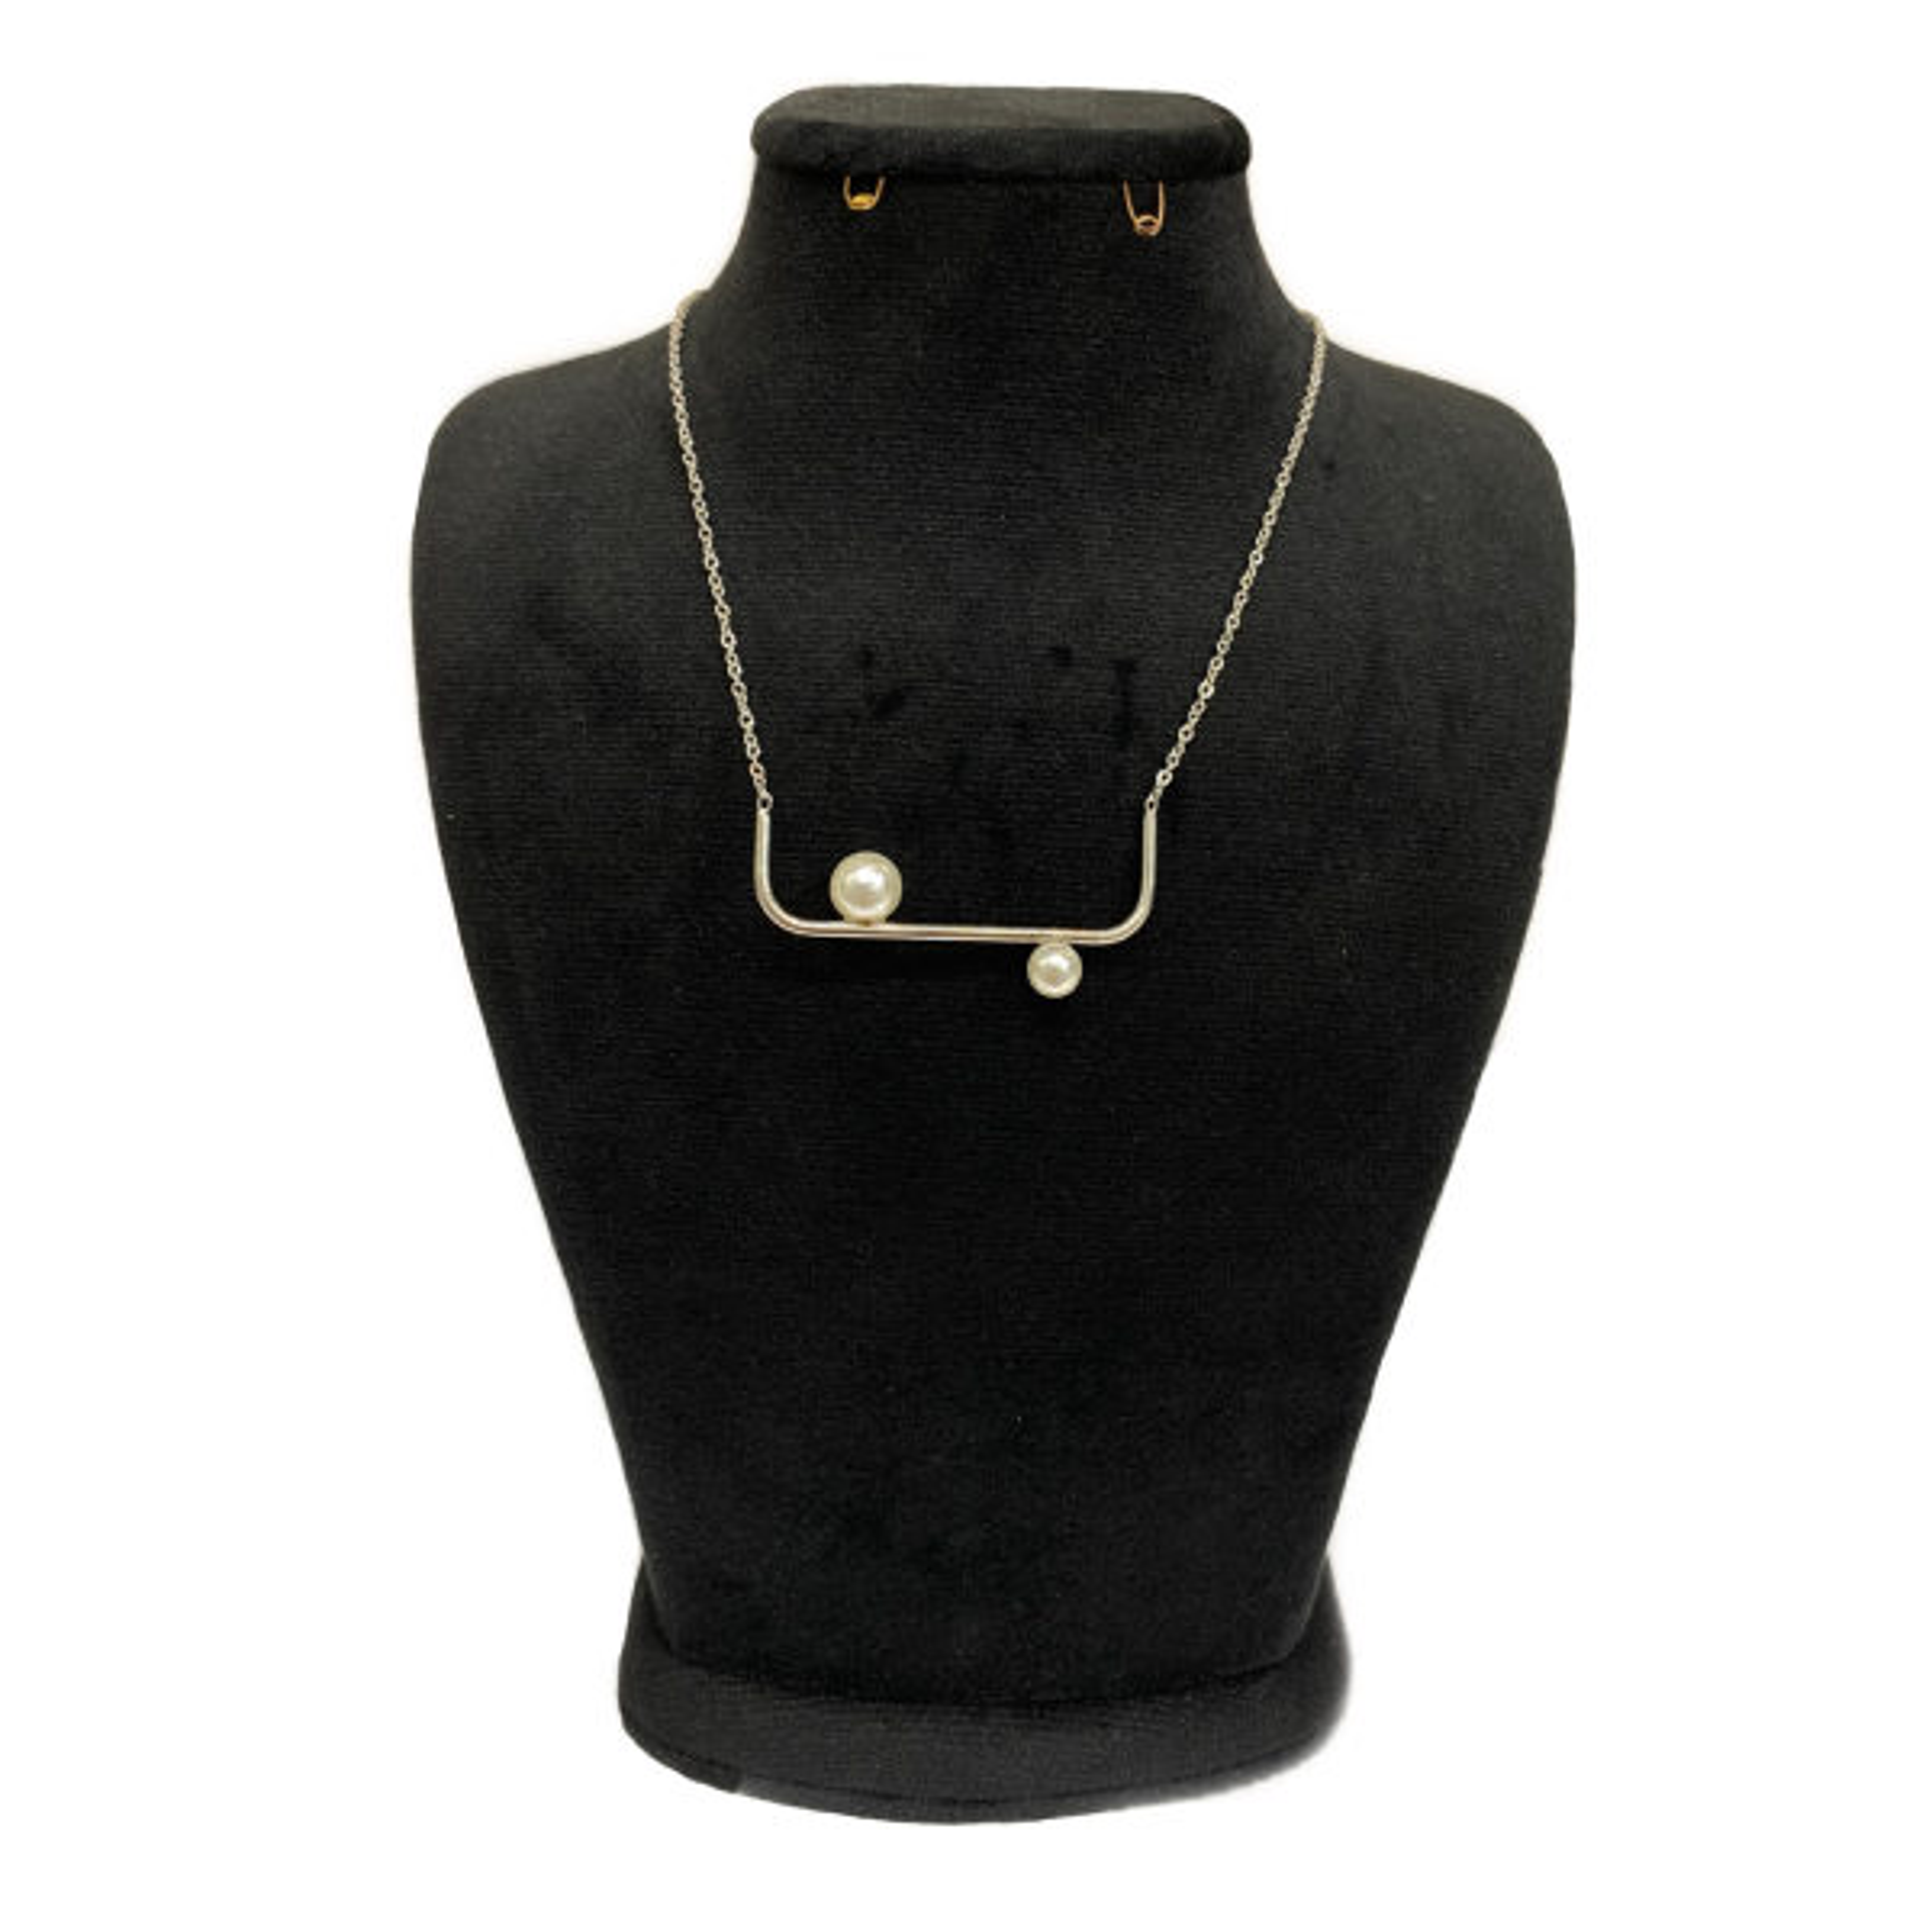 گردنبند زنانه استینلس استیل مدل مروارید